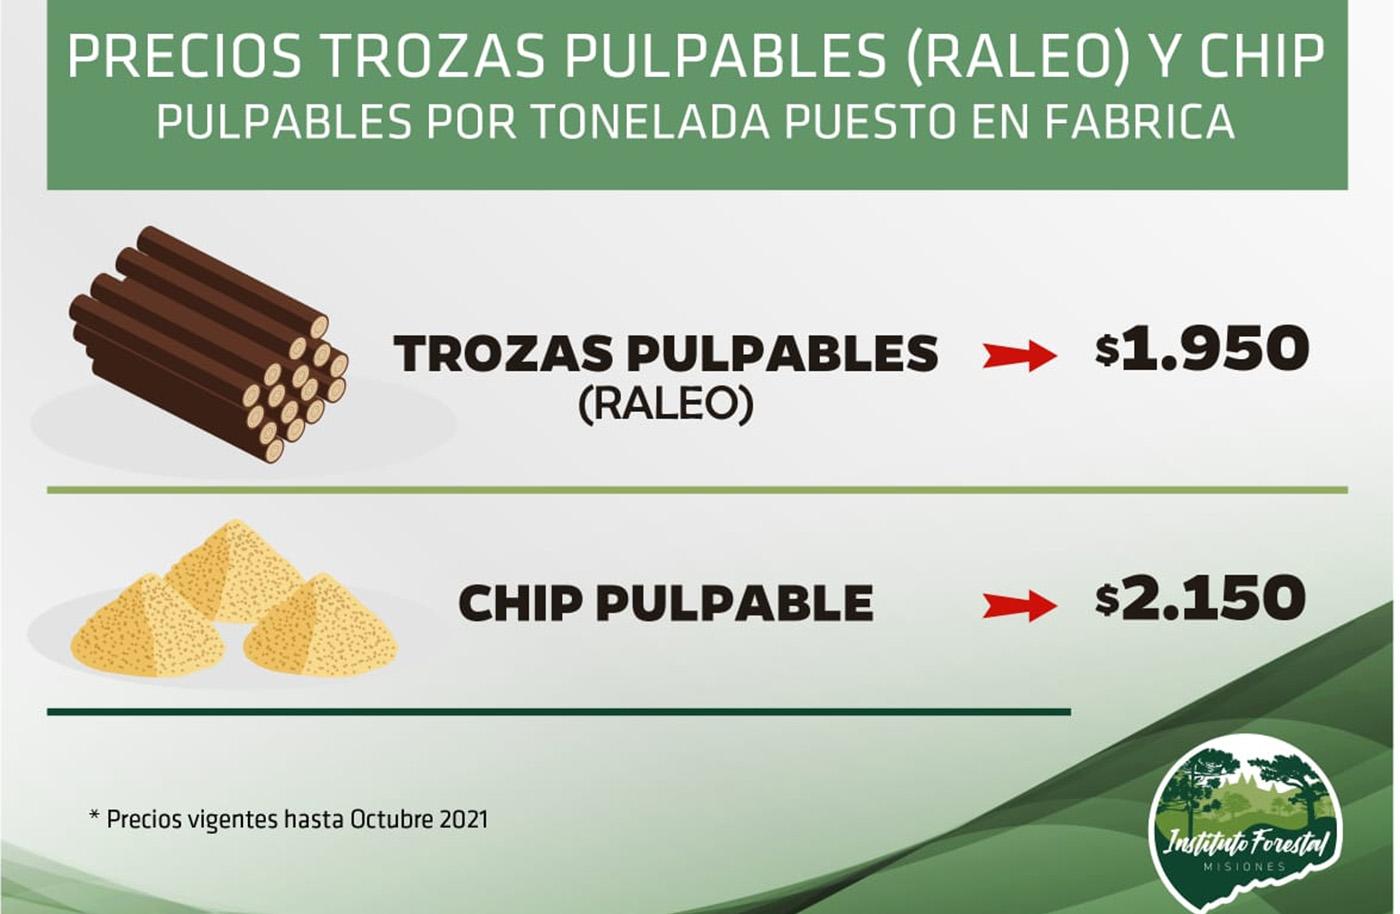 infopro actualizo precios chip